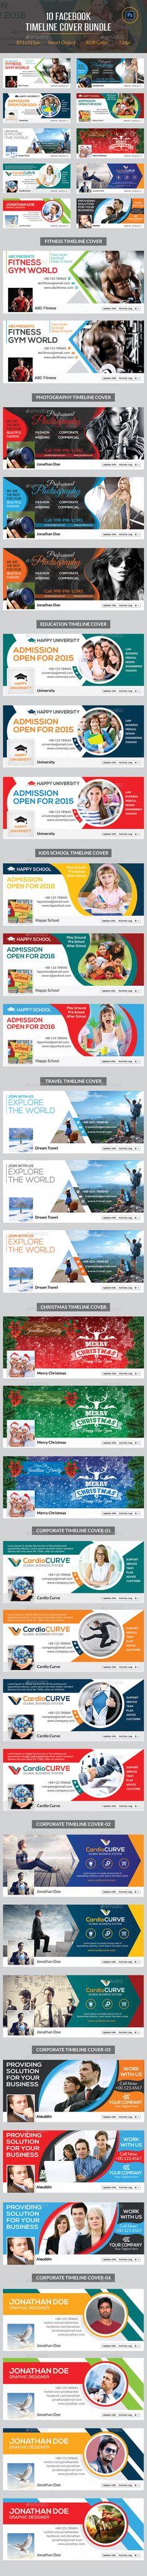 10 Facebook Timeline Cover Bundle Template PSD #design Download: http://graphicriver.net/item/10-facebook-timeline-cover-bundle/11637262?ref=ksioks